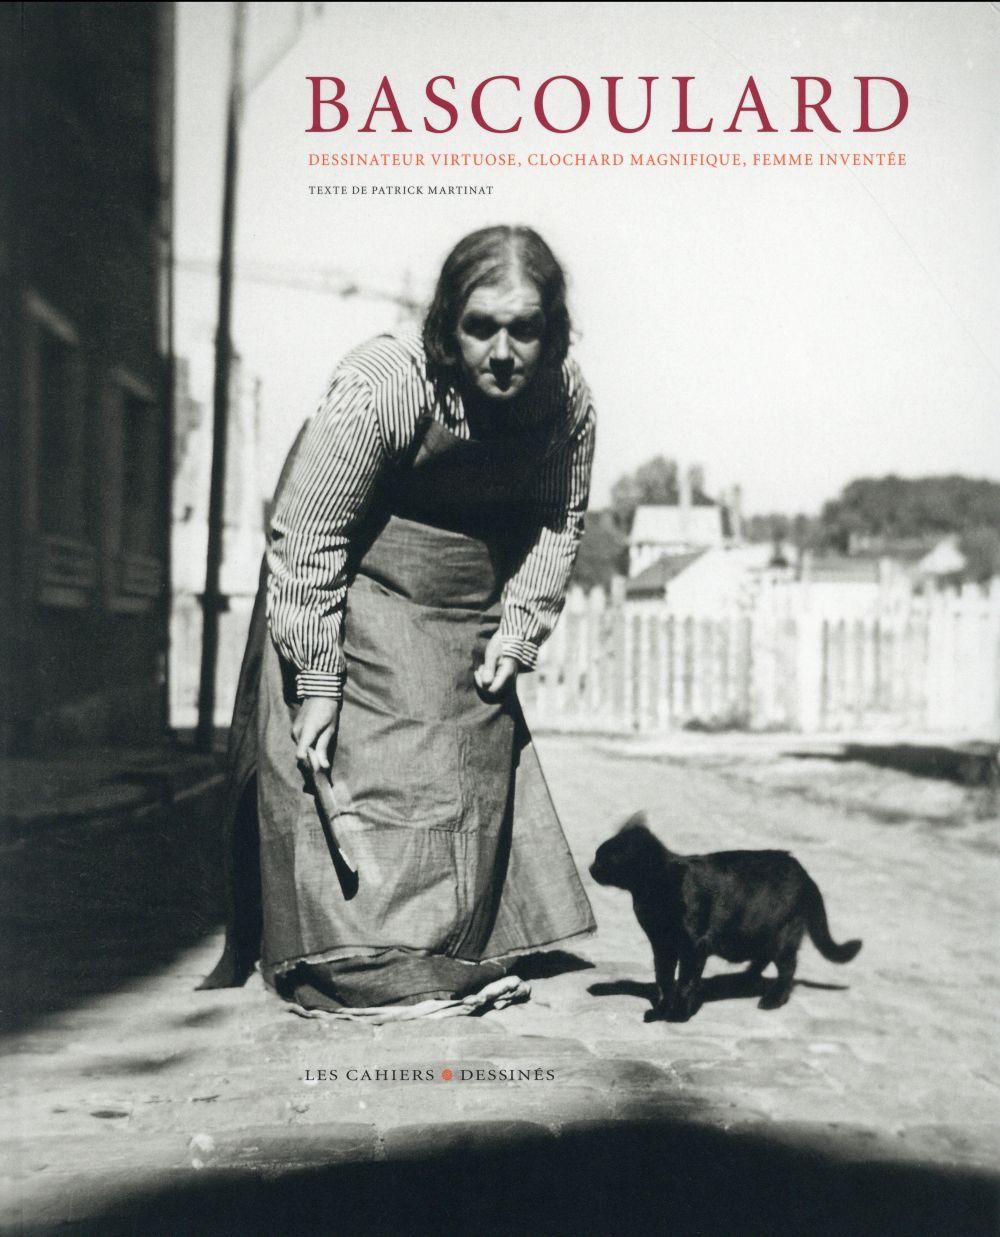 Marcel Bascoulard ; dessinateur virtuose, clochard magnifique, femme inventée